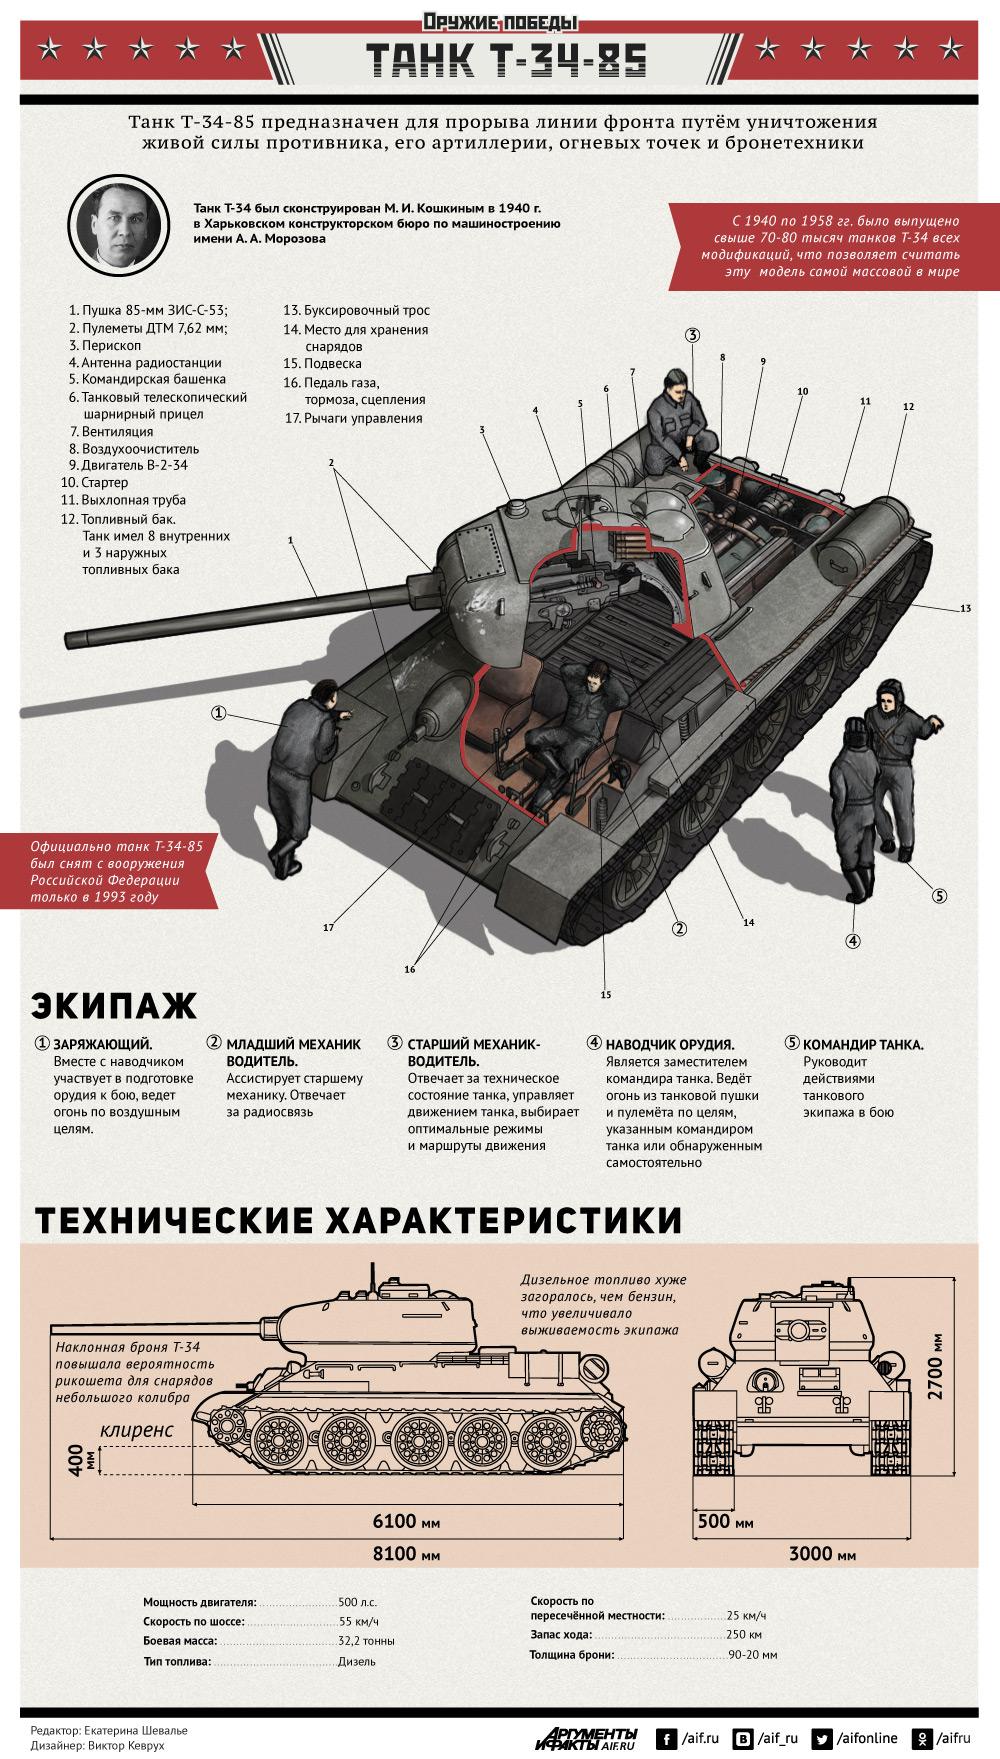 9 Мая1945. Оружие Победы. Танк Т-34-85